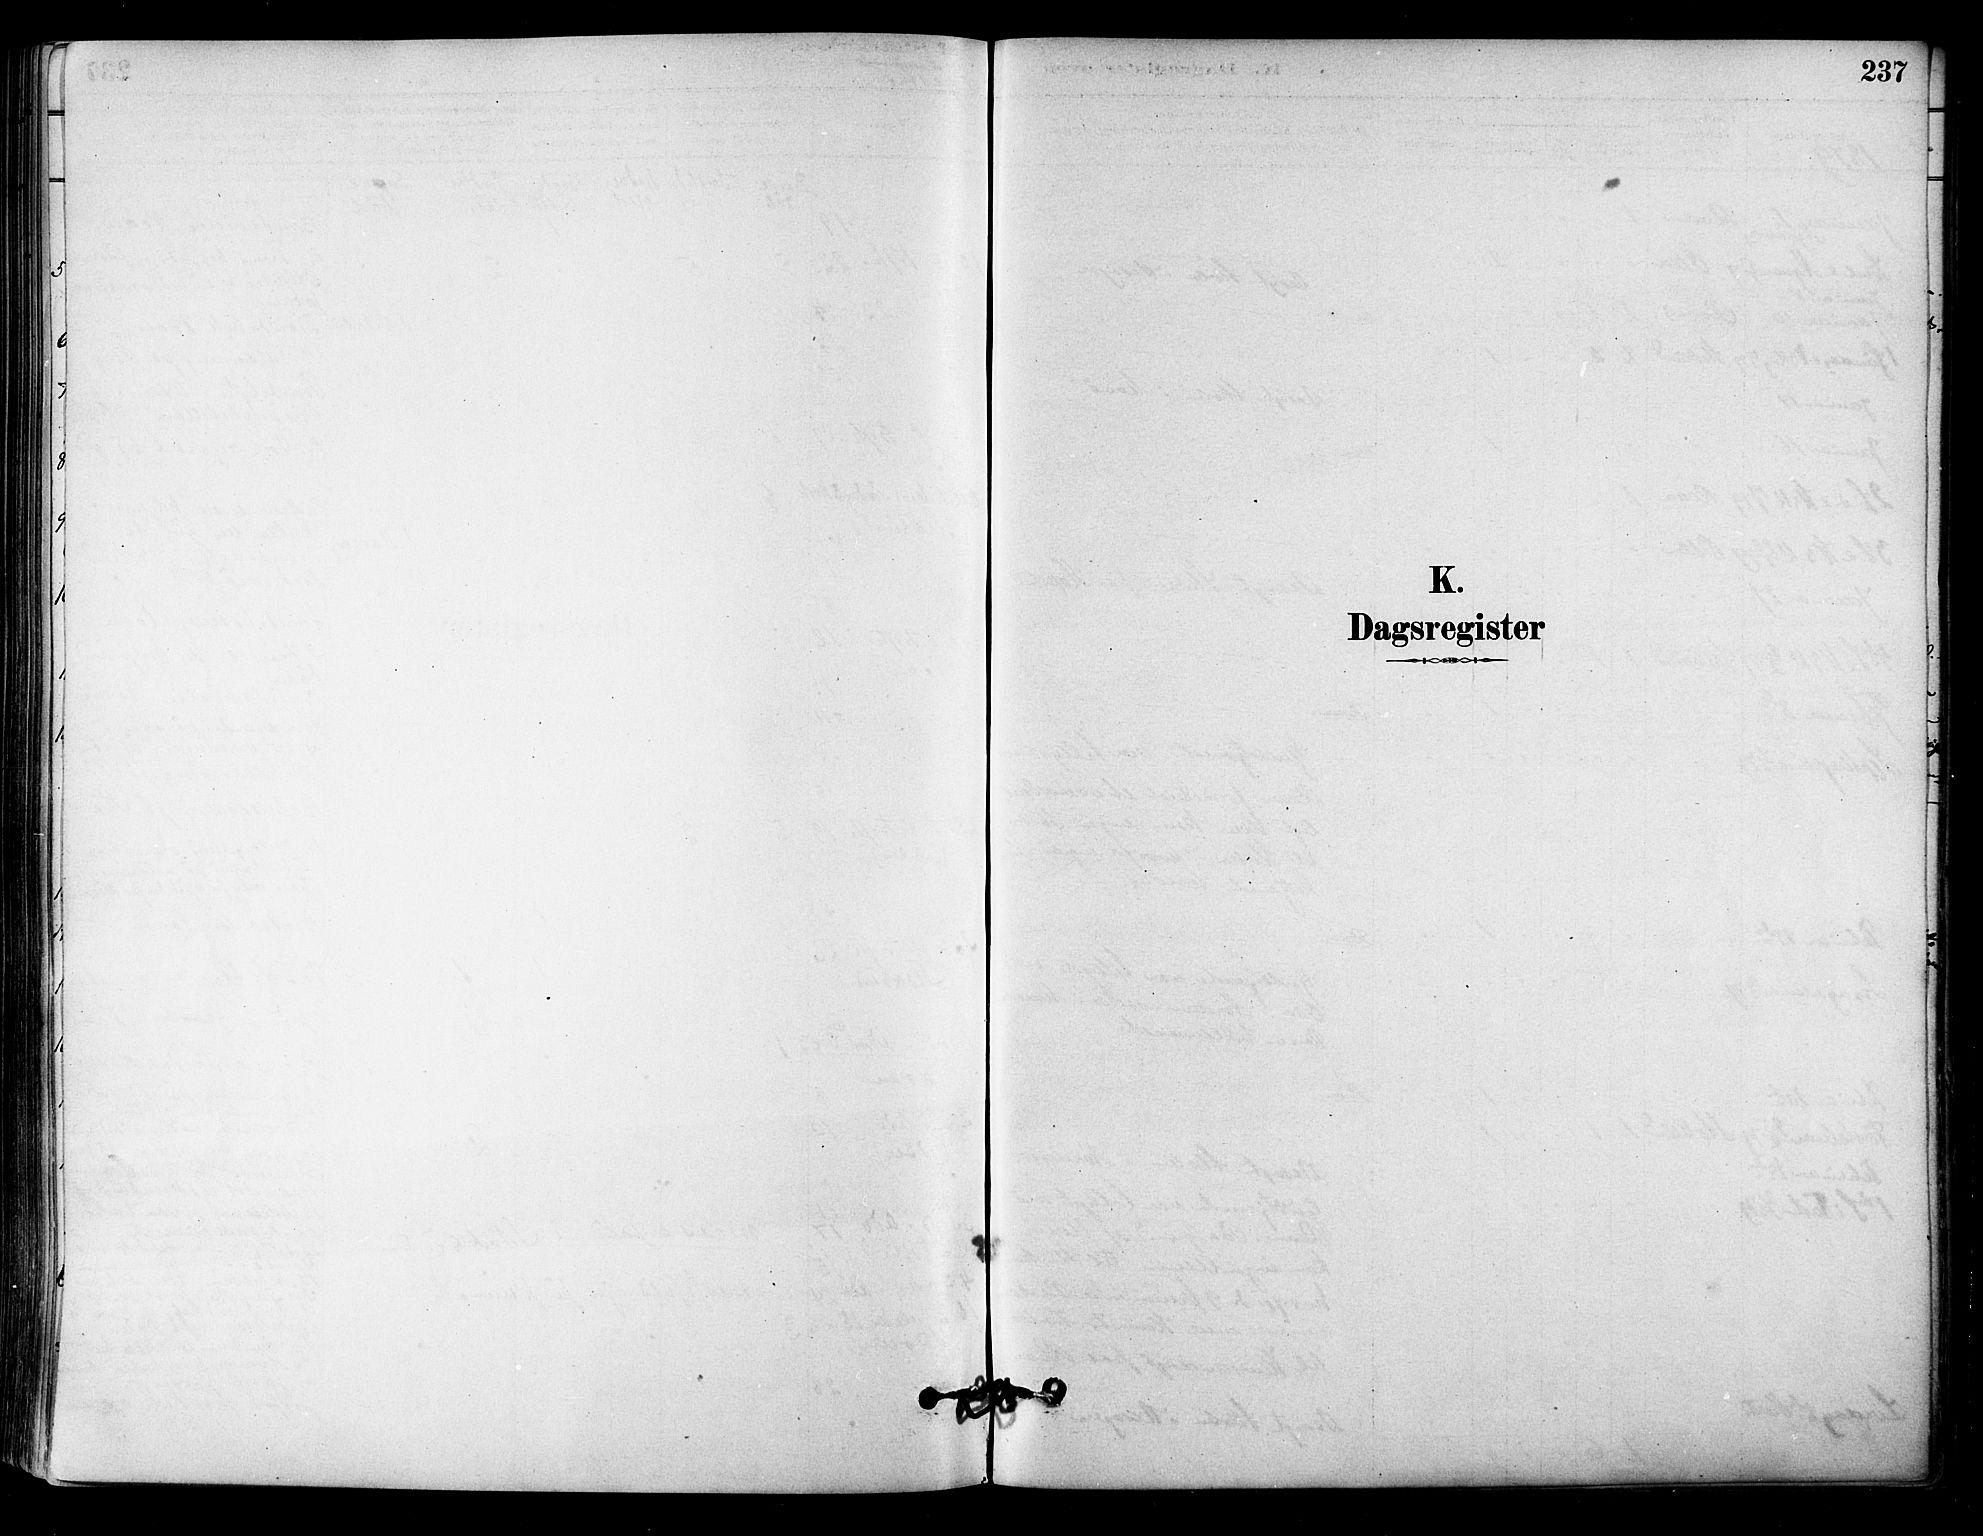 SAT, Ministerialprotokoller, klokkerbøker og fødselsregistre - Sør-Trøndelag, 657/L0707: Ministerialbok nr. 657A08, 1879-1893, s. 237